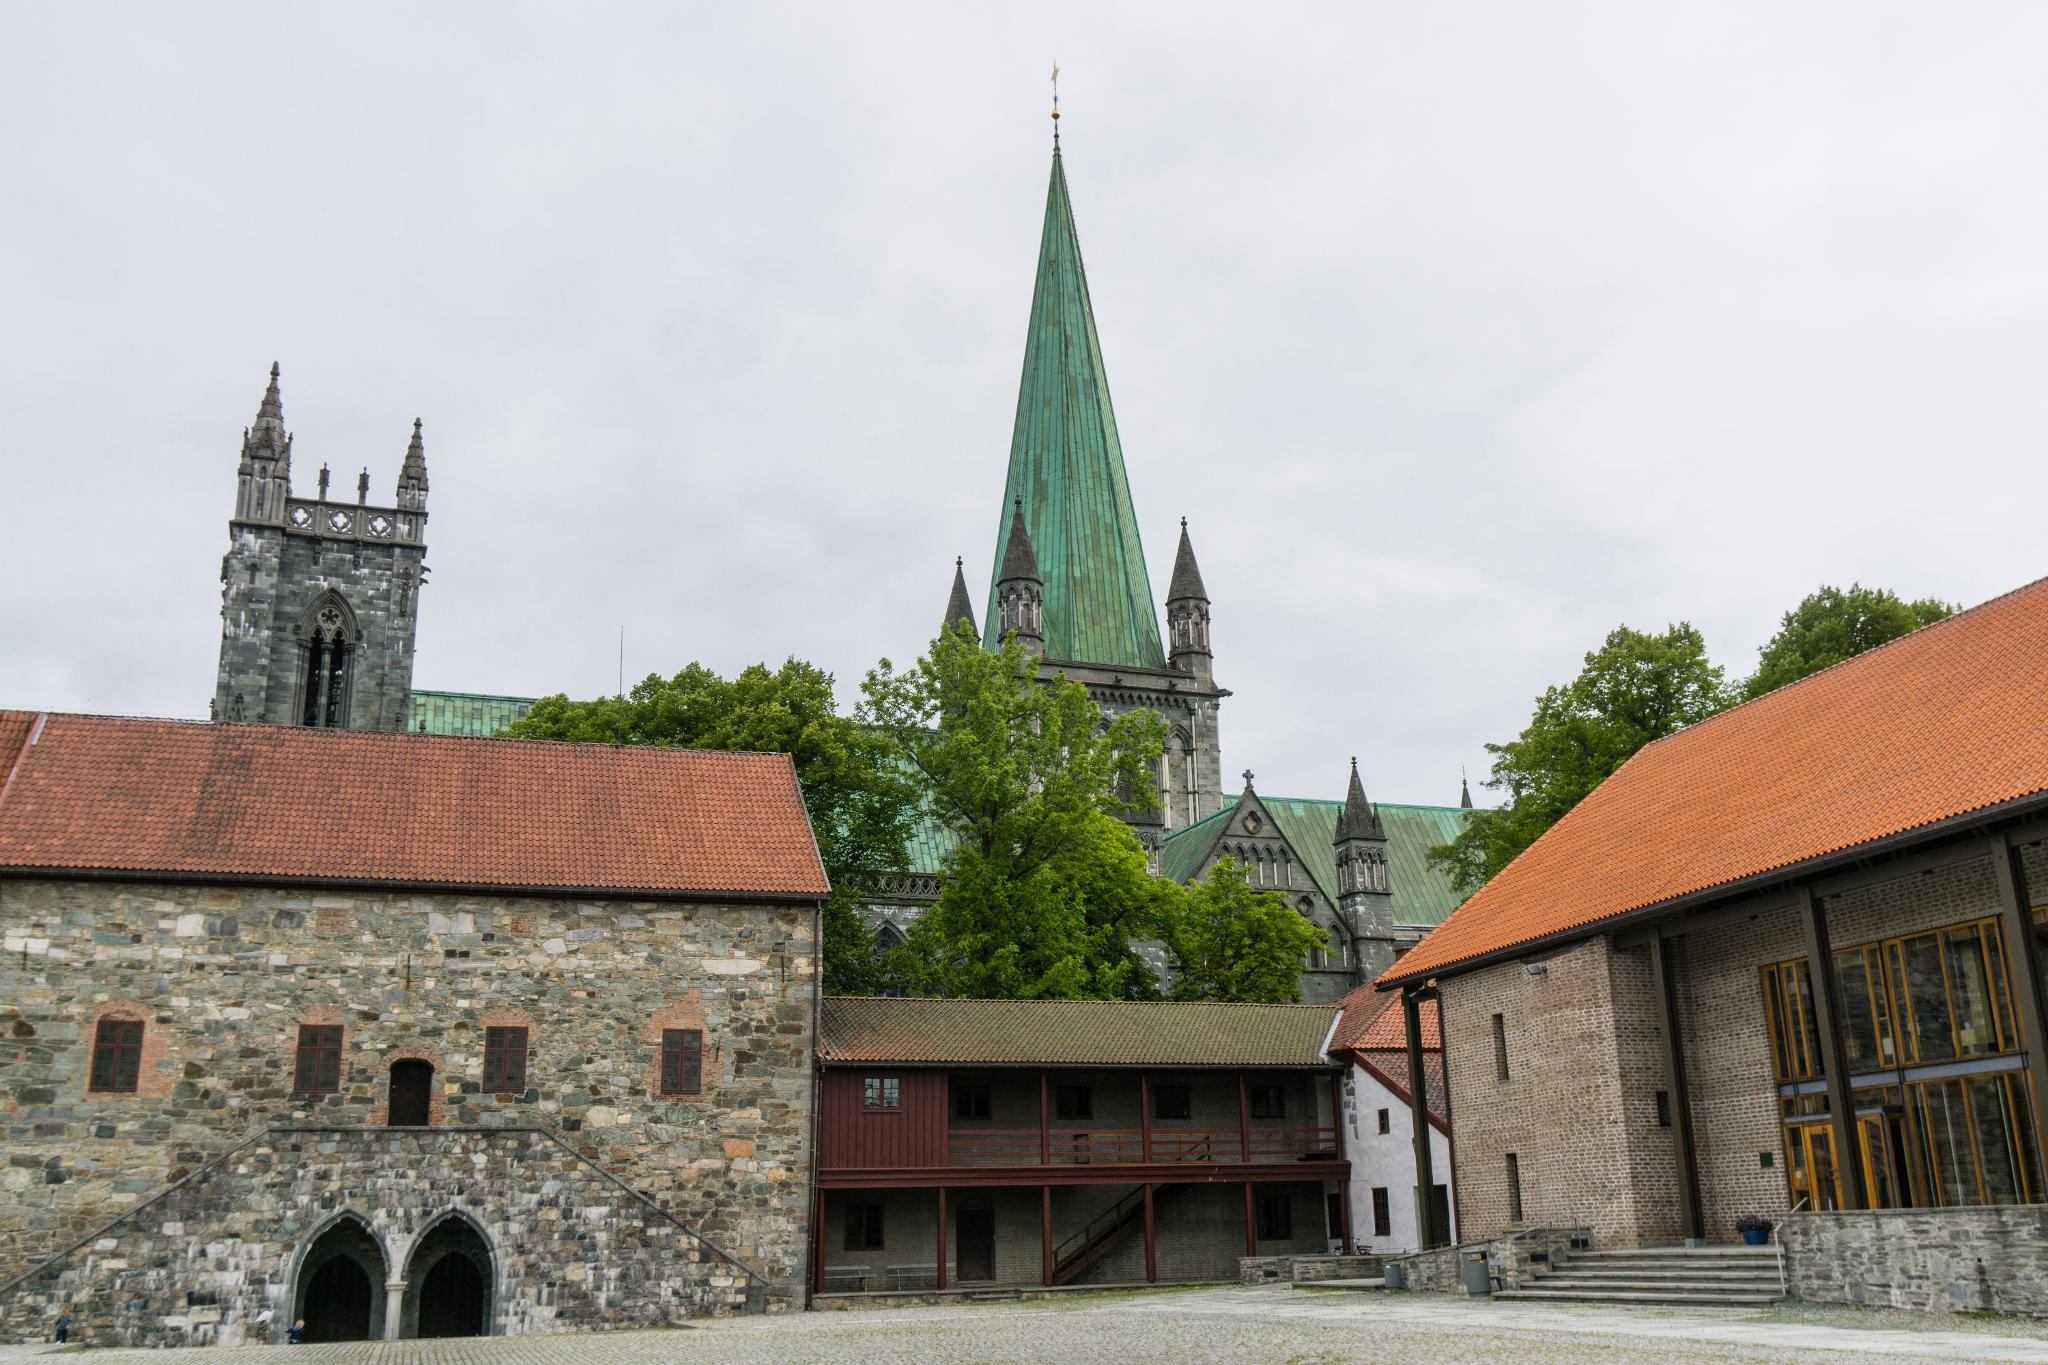 【北歐景點】拜訪維京王的千年古城 - Trondheim 特隆赫姆景點懶人包 26